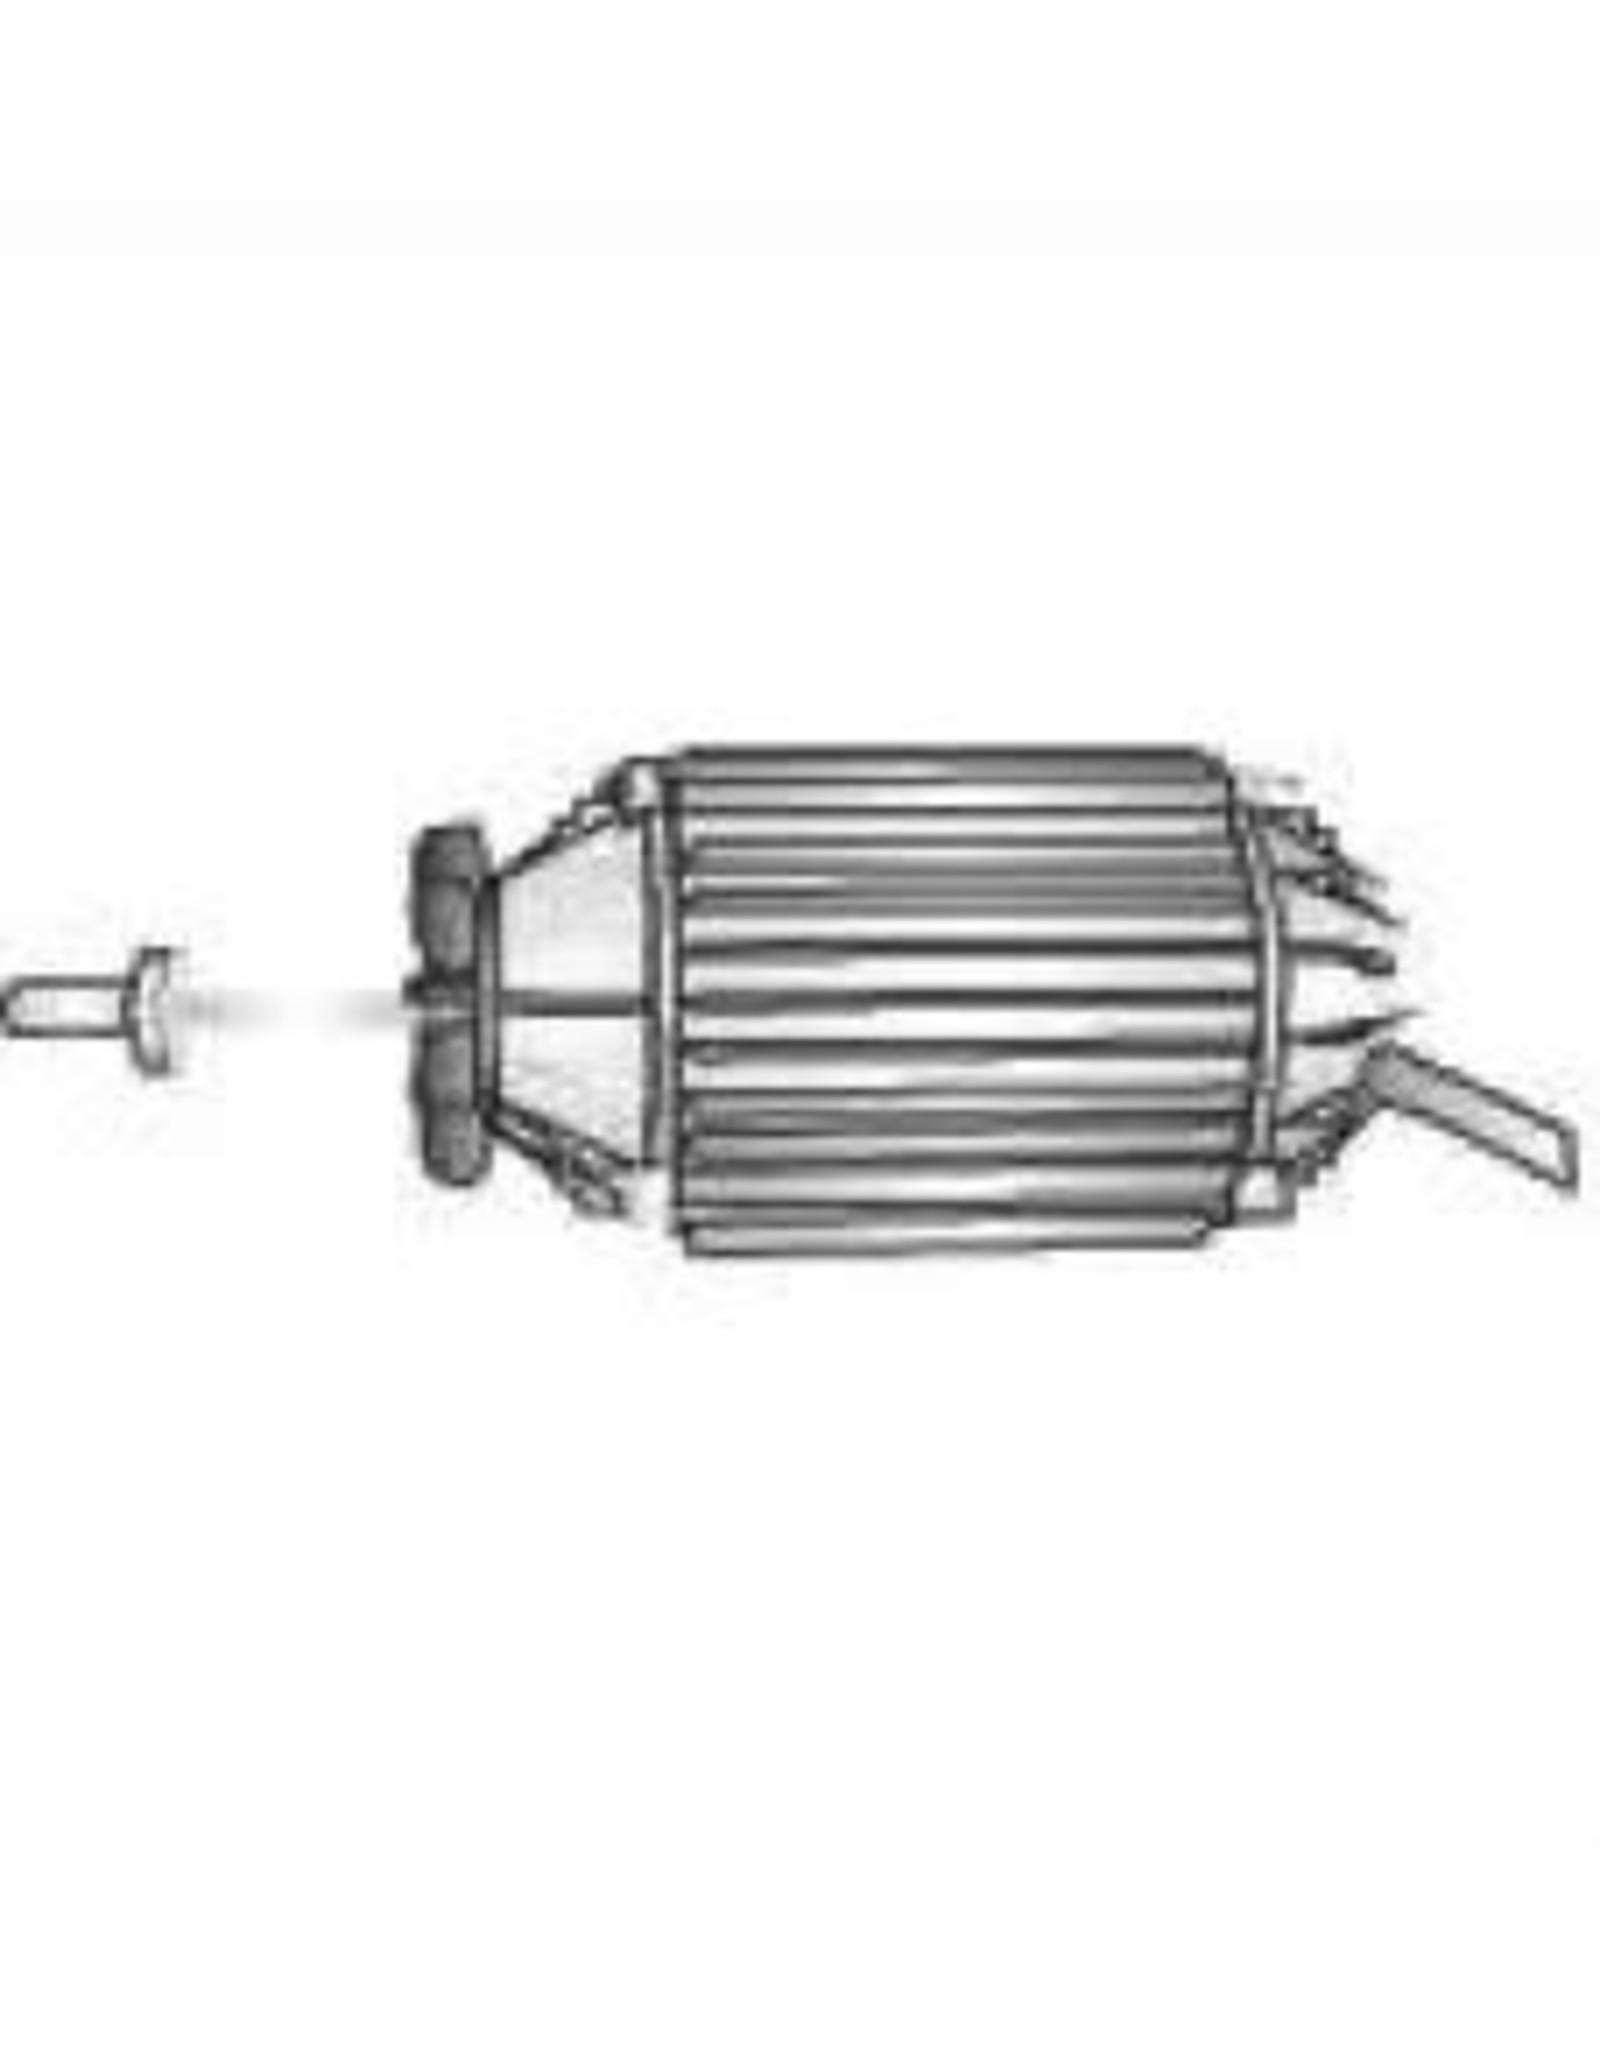 TM5 Motor